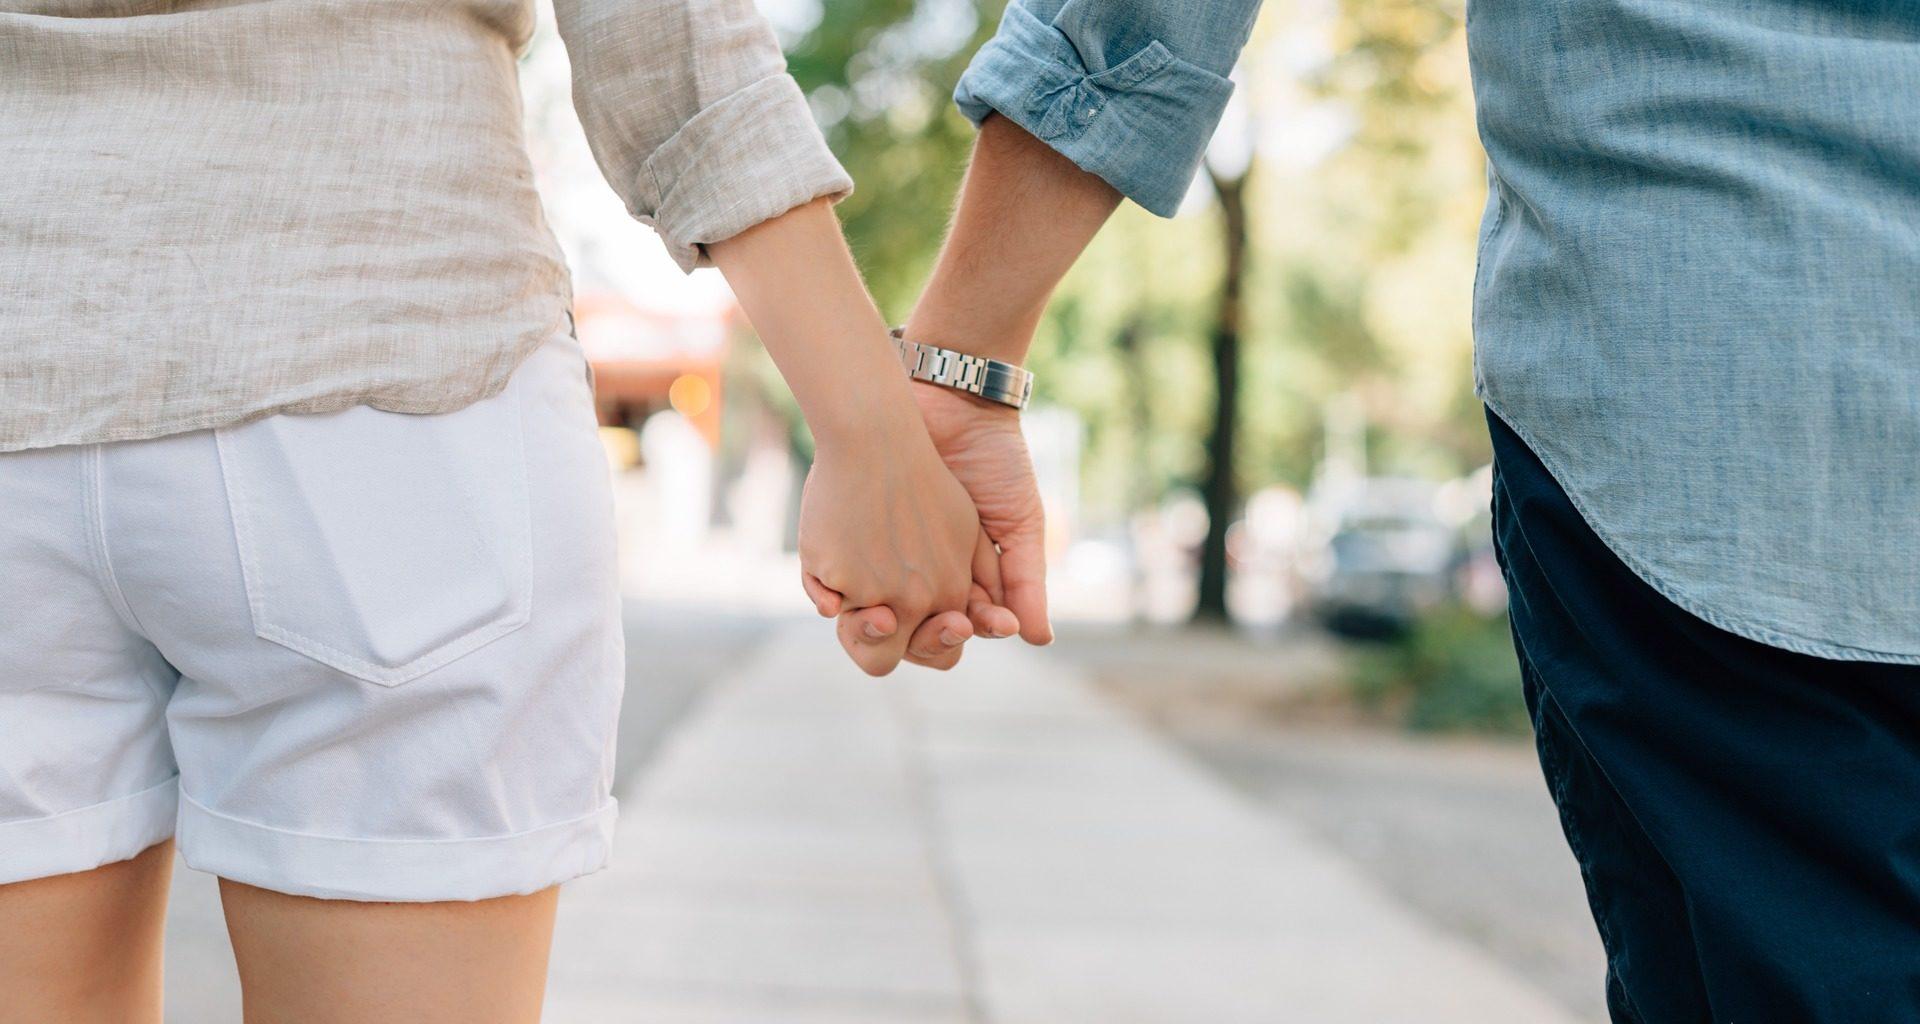 Способы, как сохранить отношения и избежать конфликтов